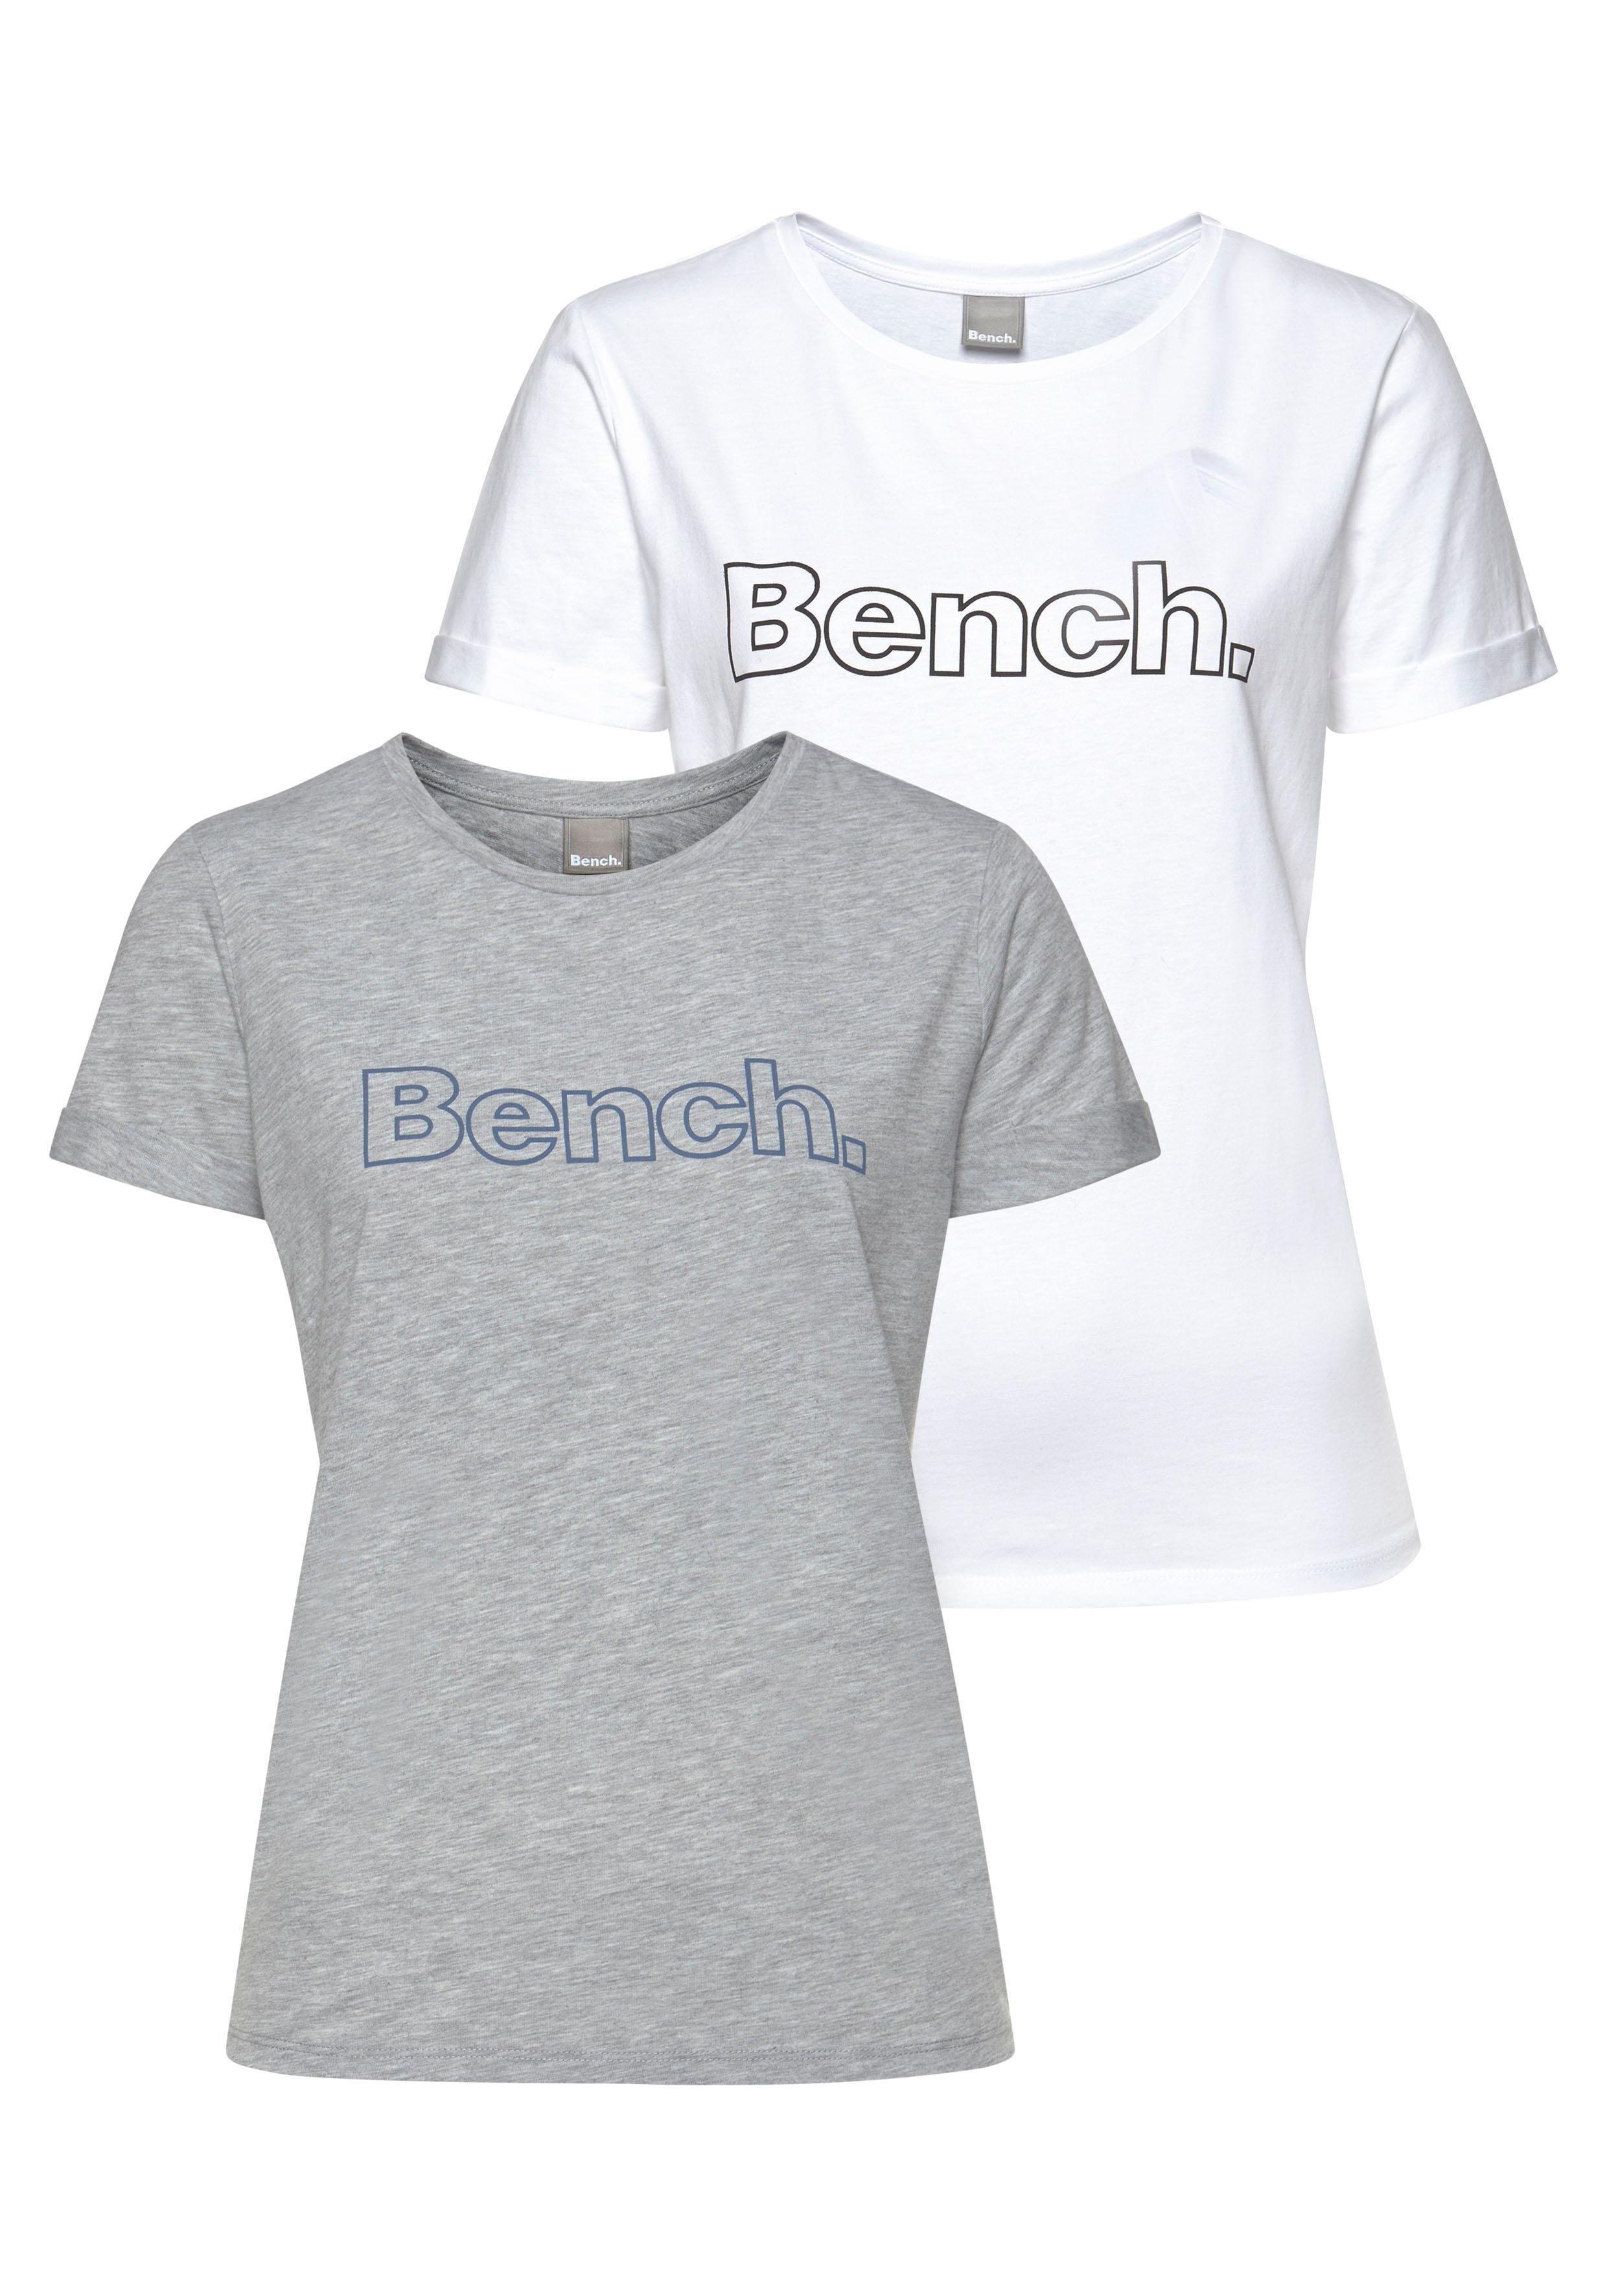 Bench. T-shirt in de webshop van OTTO kopen